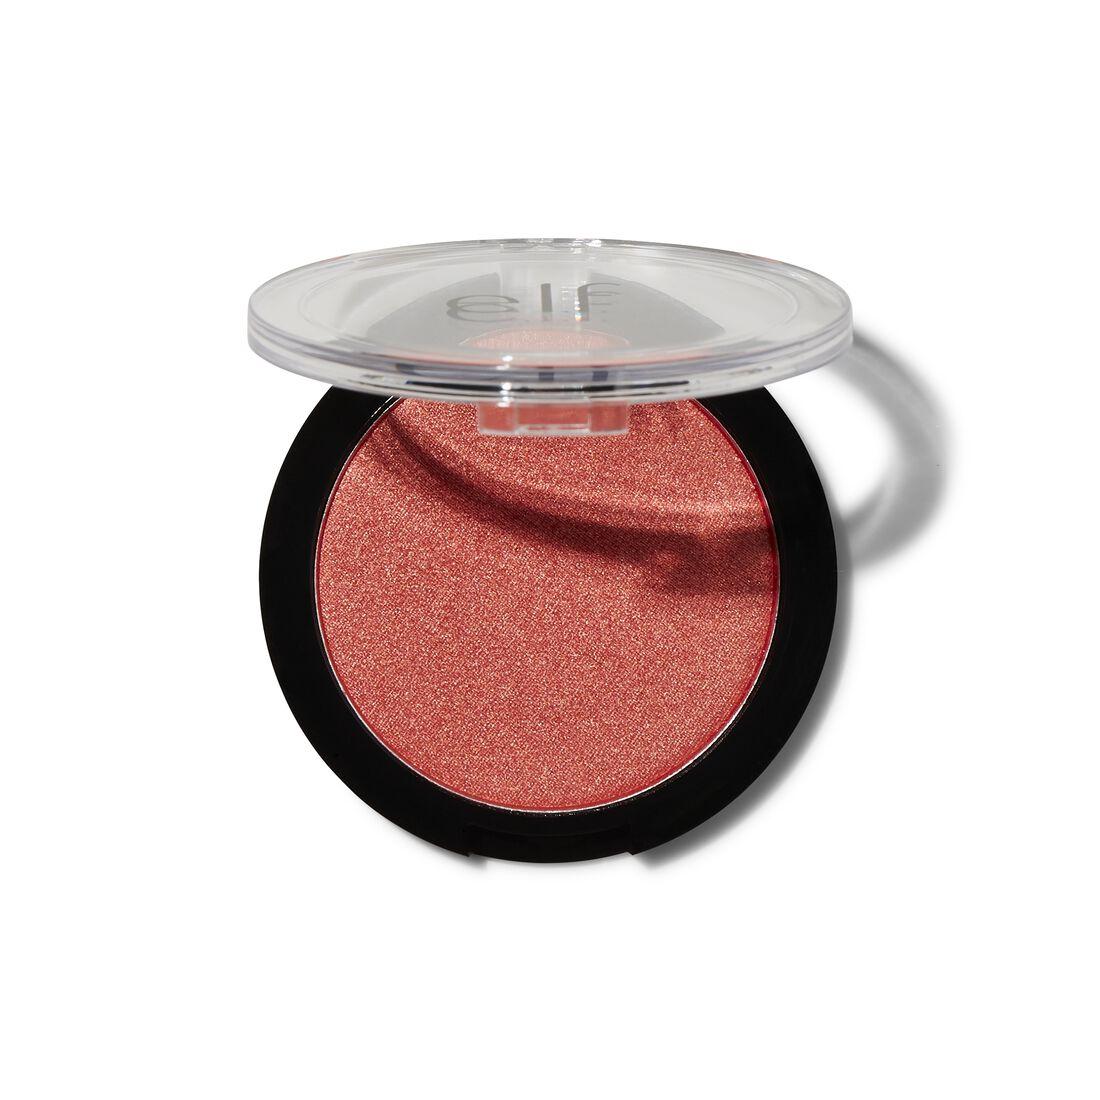 e.l.f. Cosmetics - Luminous Blush